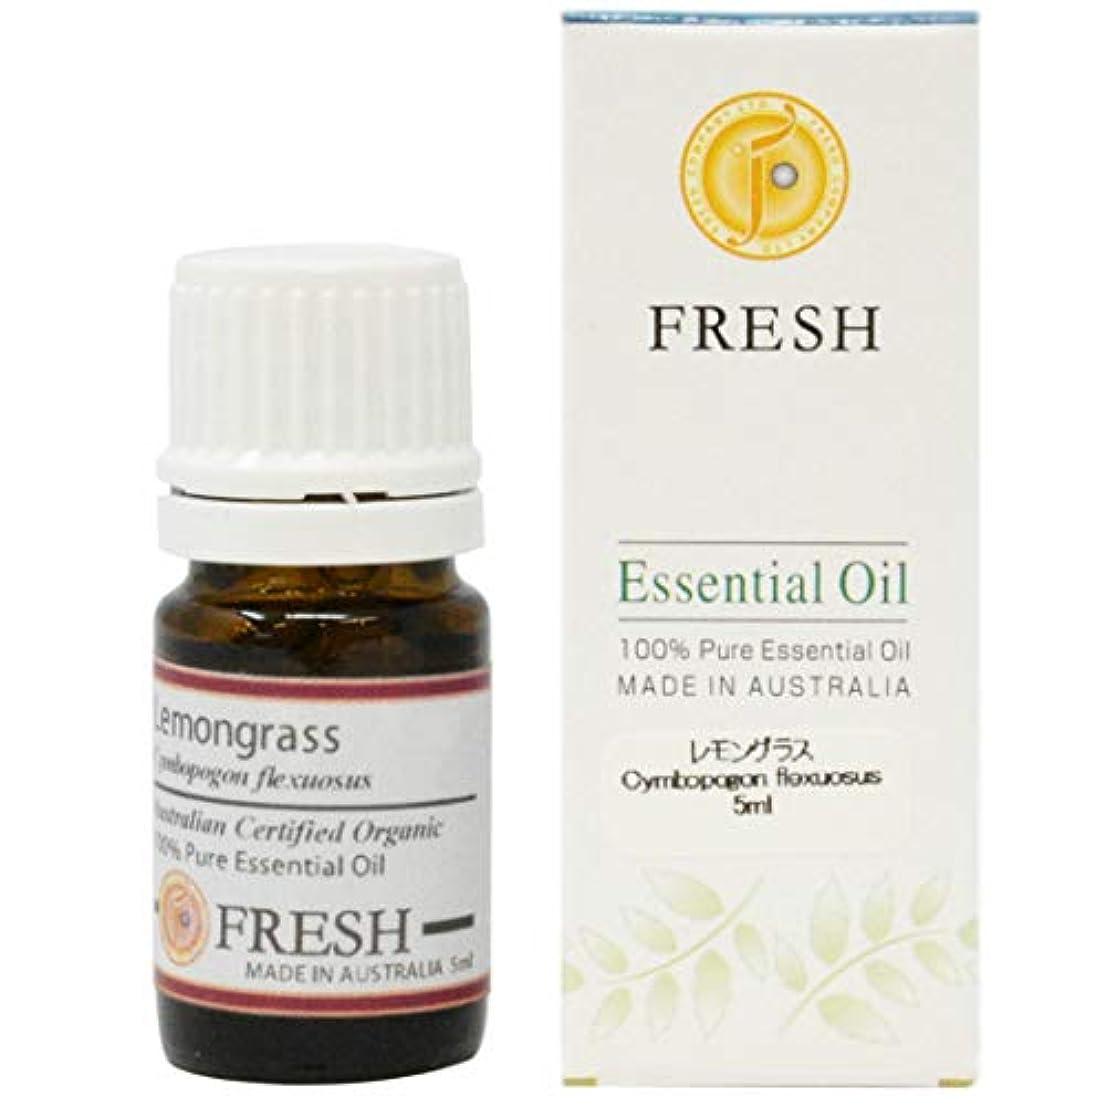 本正確さチャートFRESH オーガニック エッセンシャルオイル レモングラス 5ml (FRESH 精油)